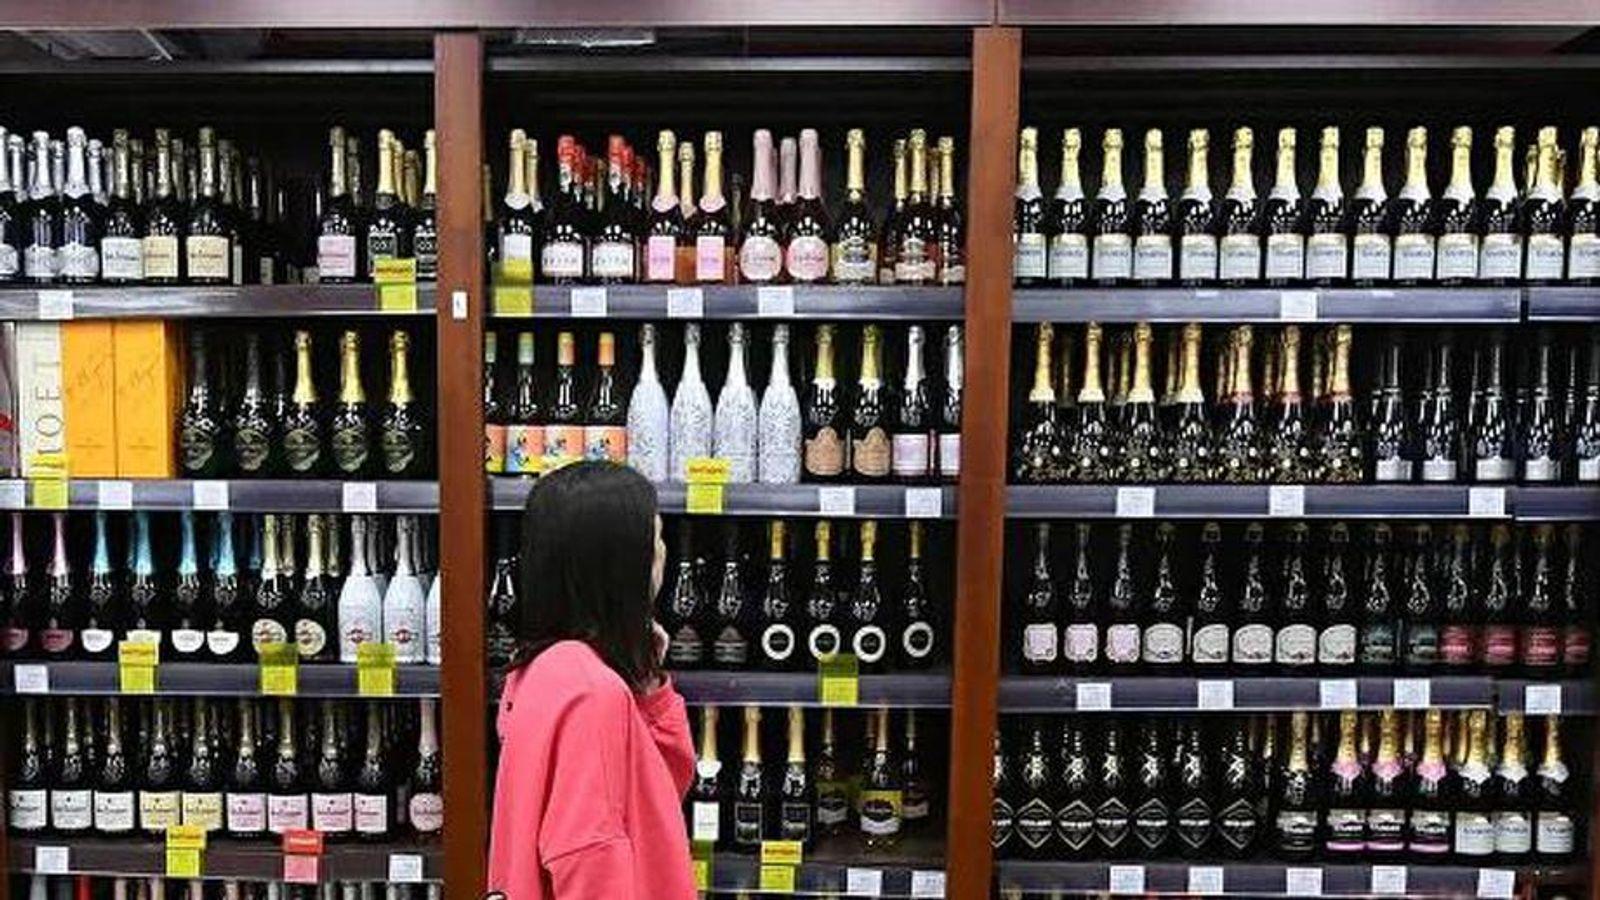 В России могут ограничить реализацию спиртного на период новогодних каникул